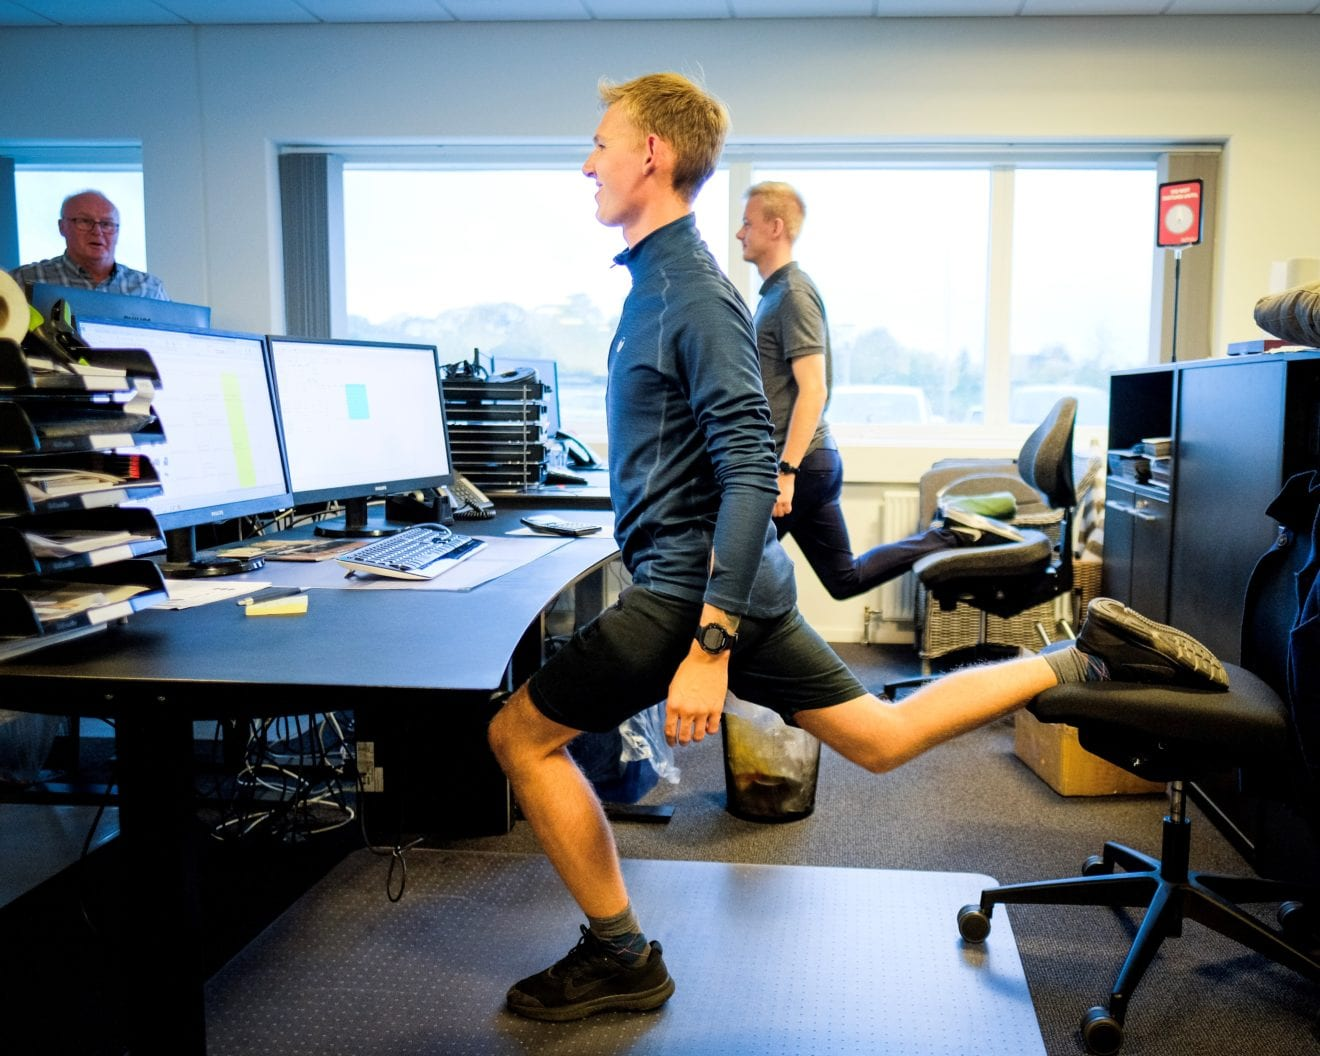 Firmaidrætten får flere og flere danskere til at dyrke kollegamotion